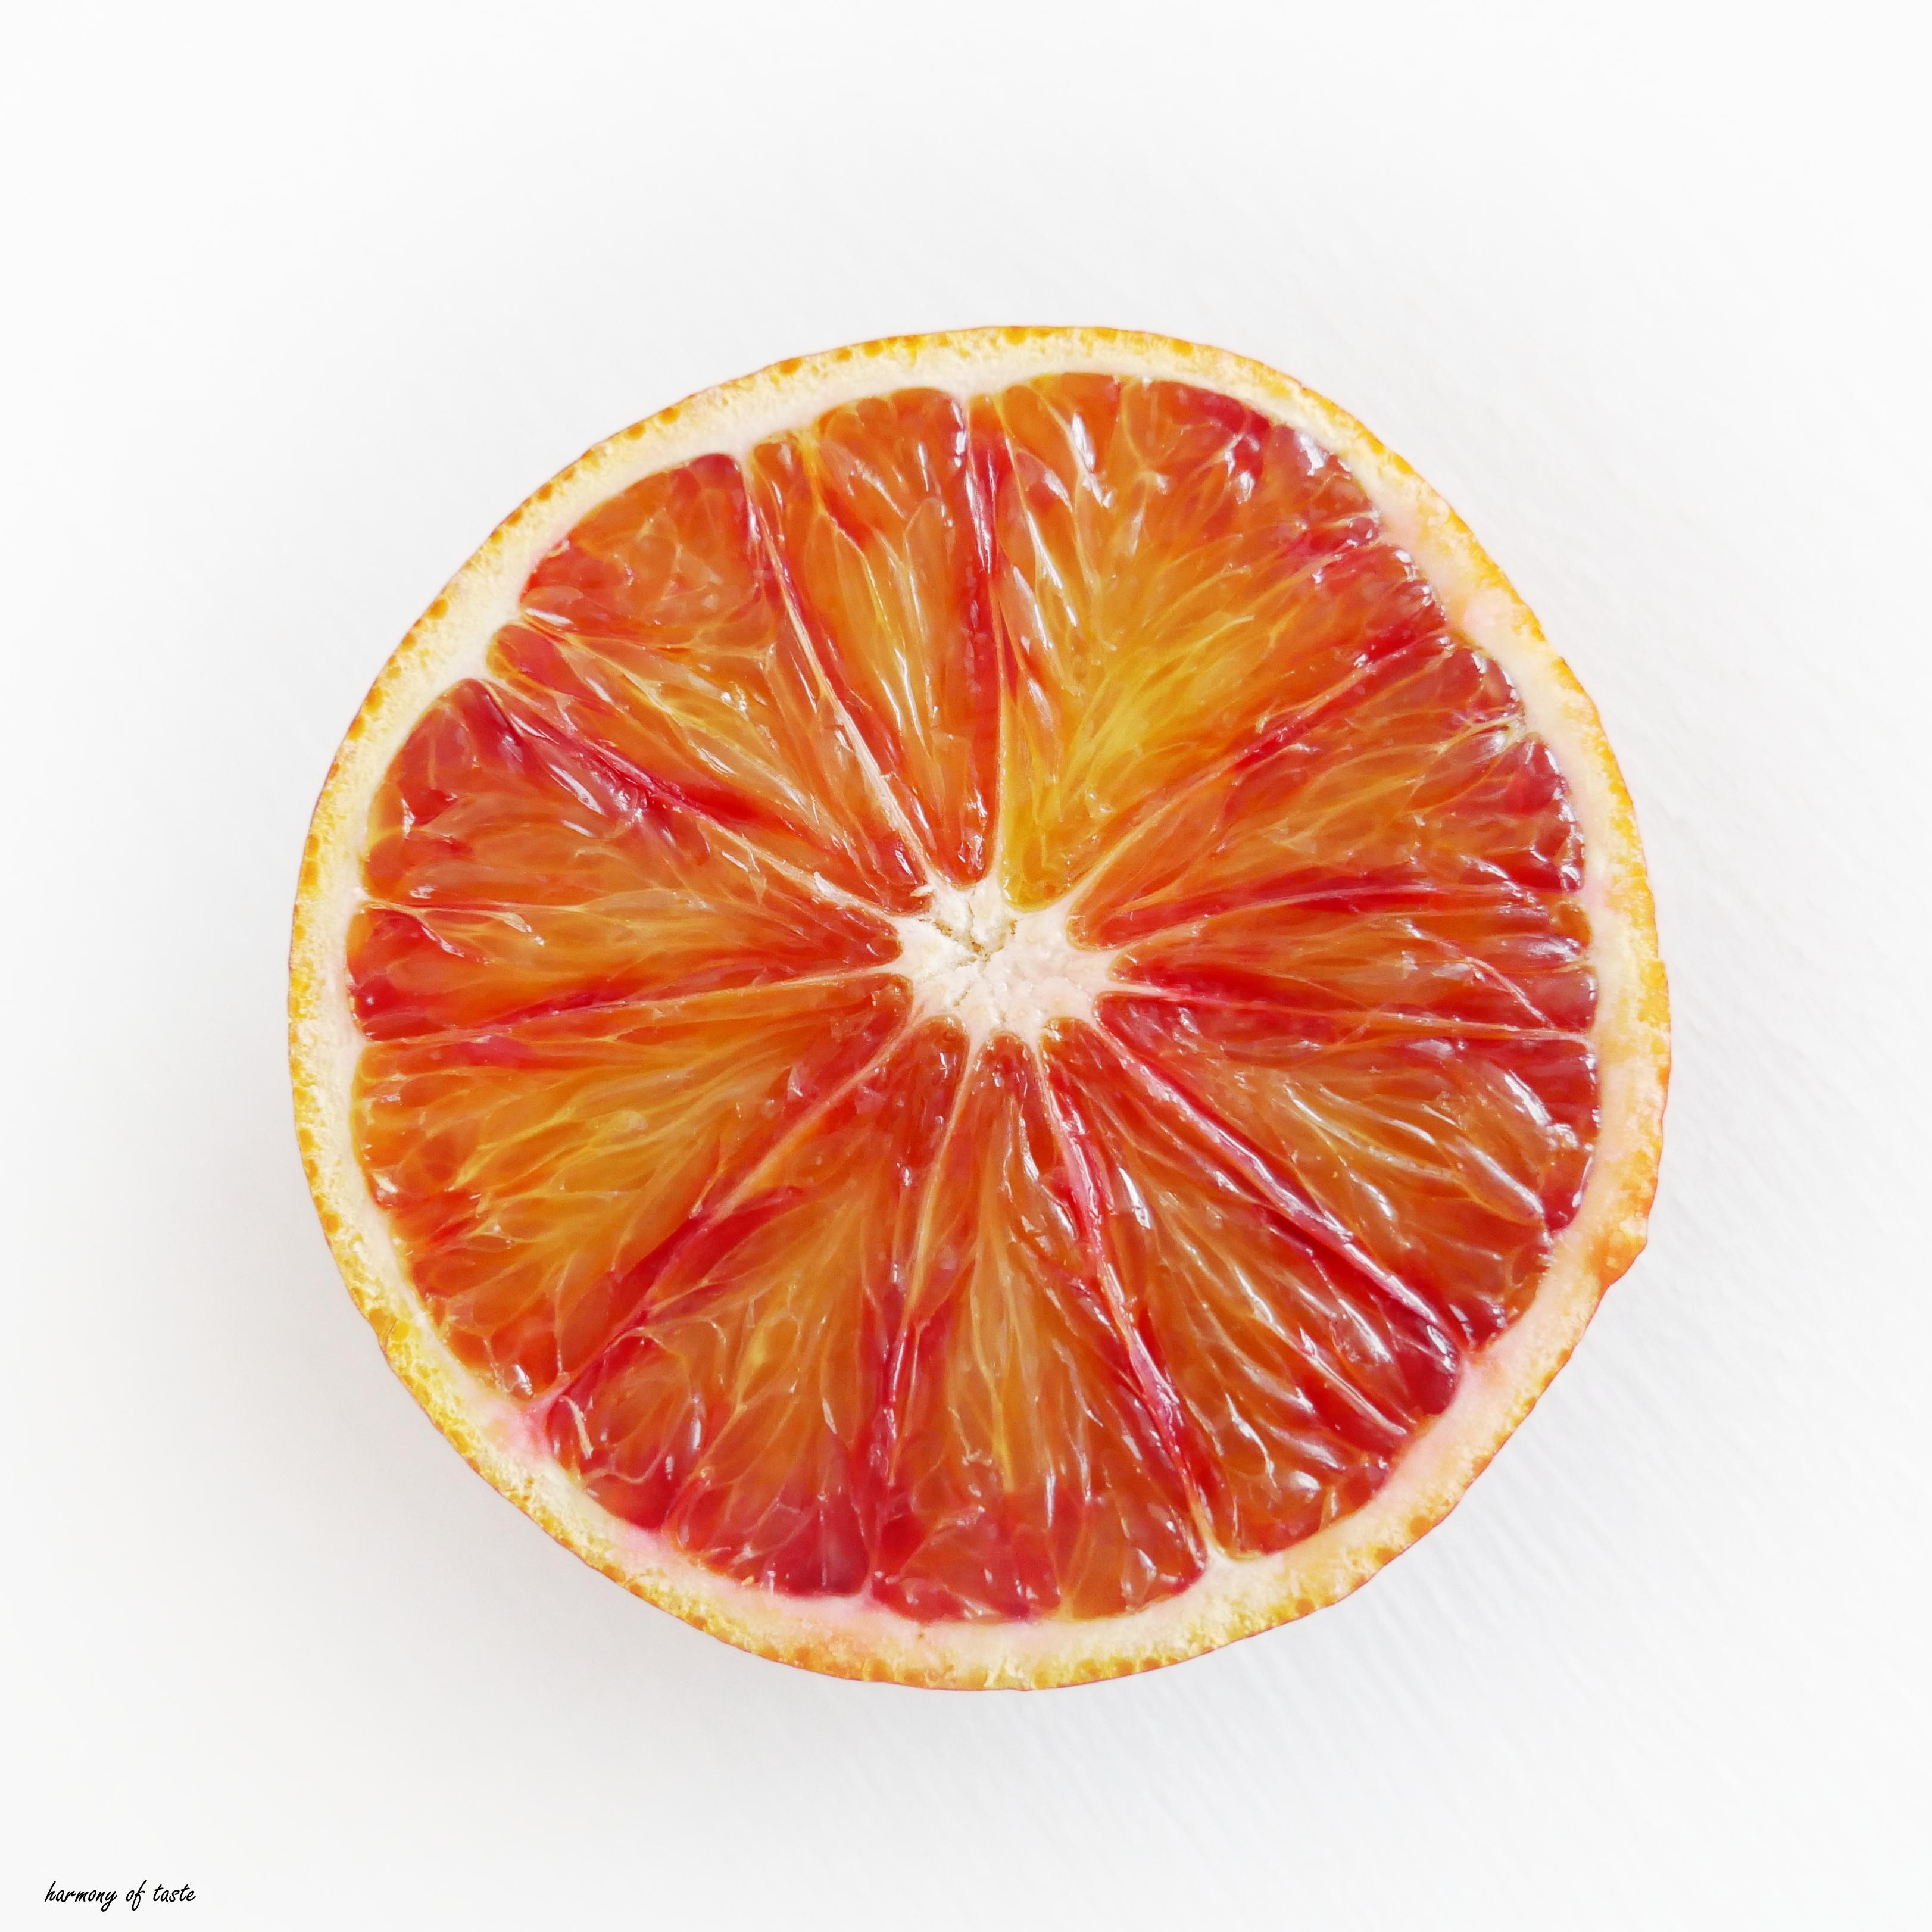 czerwona pomarancza 2